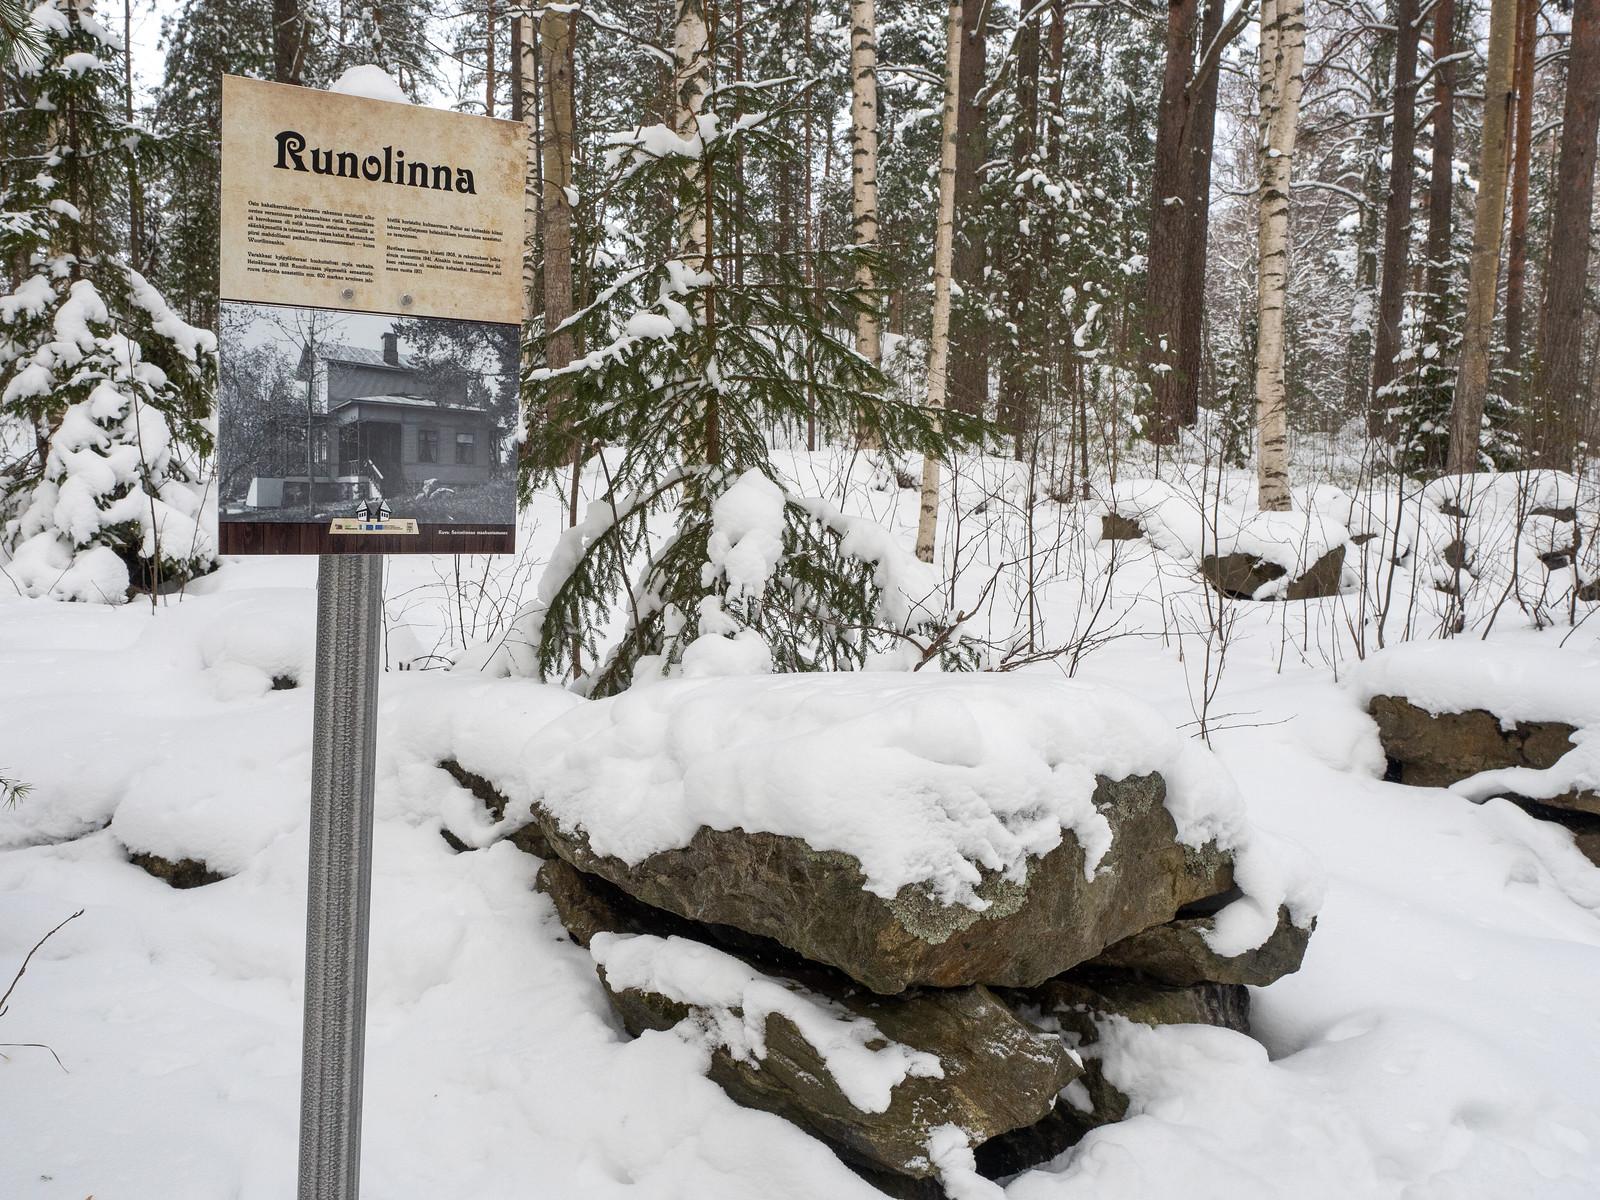 Sulosaari Savonlinna